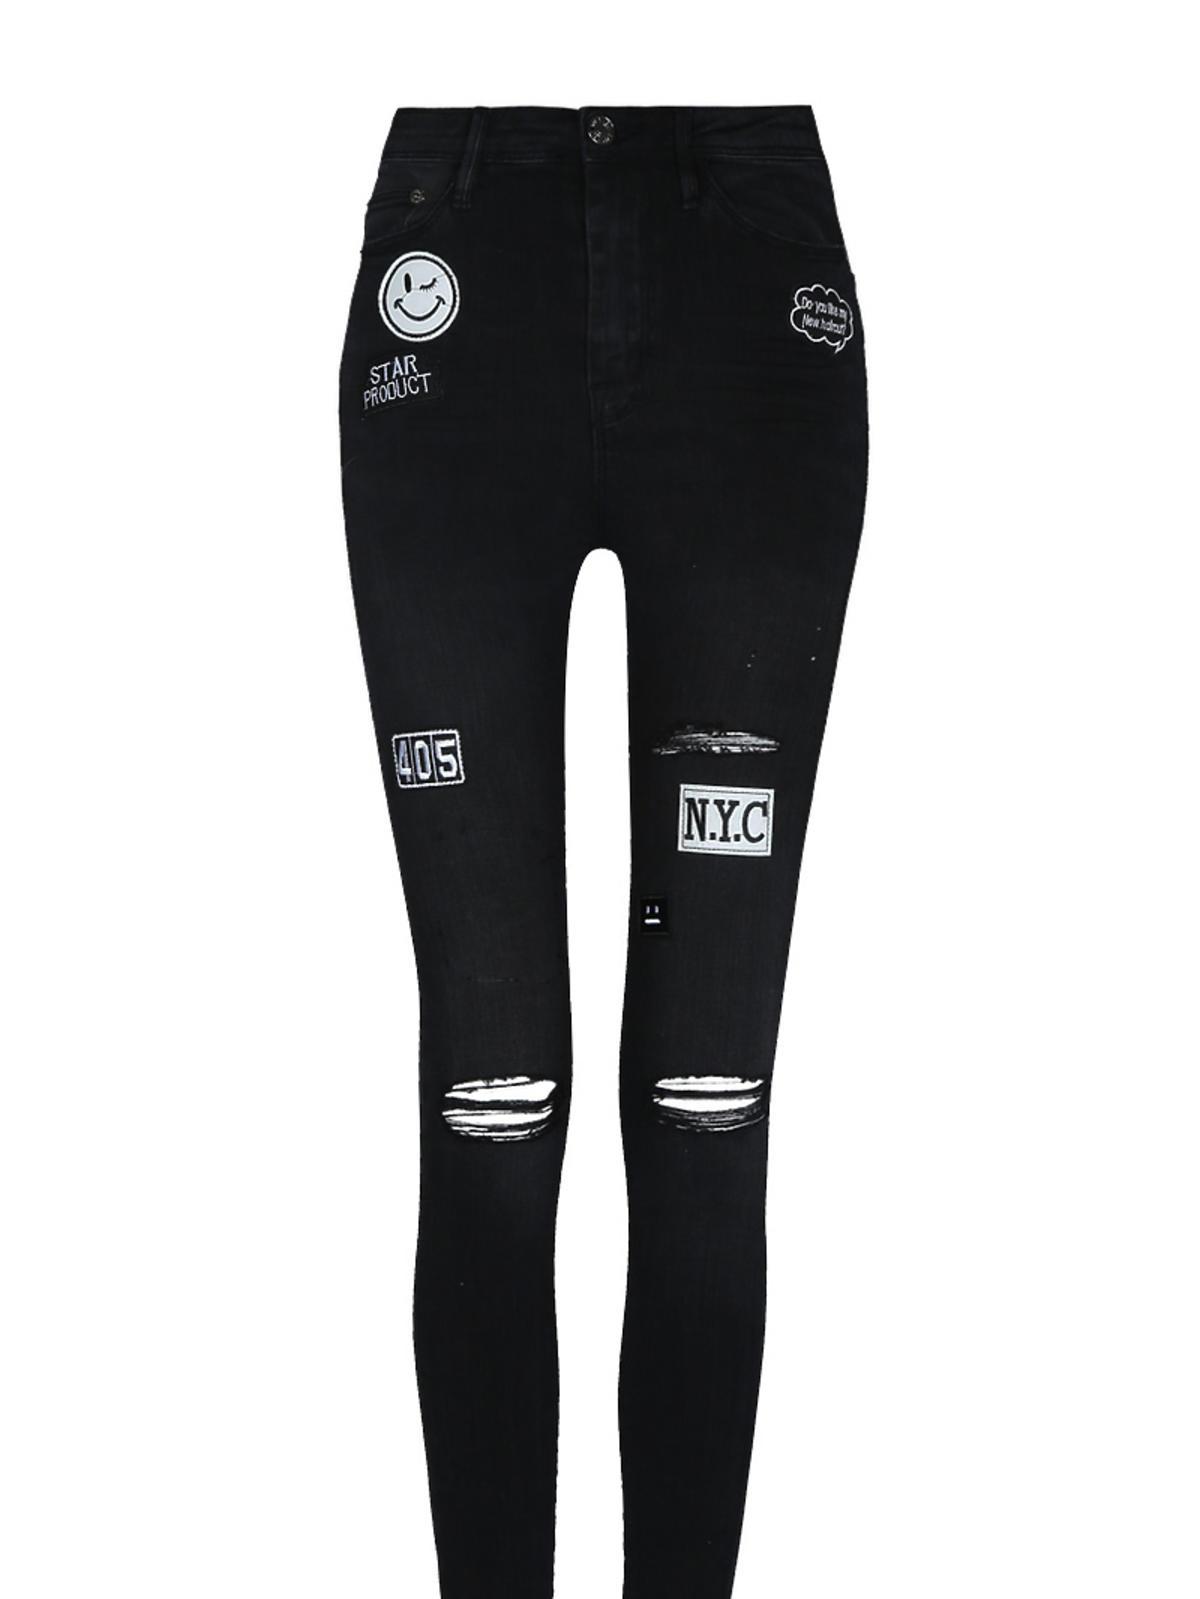 Czarne spodnie z wystrzępionymi nogawkami Tally Weijl, 129,99 zł